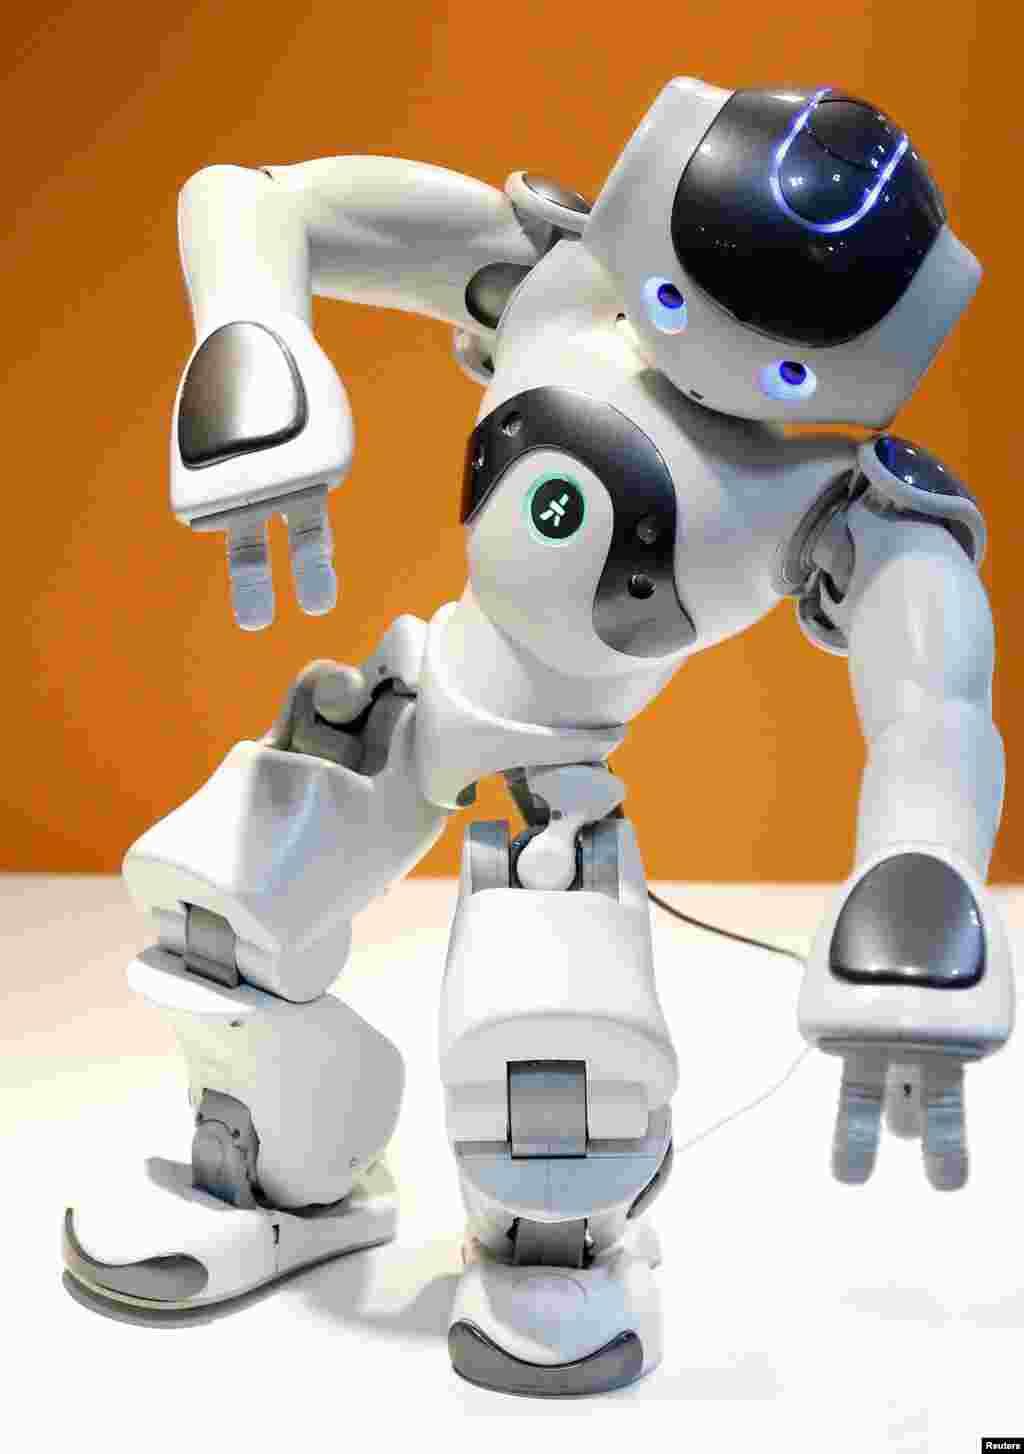 Con robot NAO của công ty Pháp Aldebaran Robotics nhảy theo ca khúc 'Thriller' của Michael Jackson tại gian hàng của mình Triển lãm Robot Quốc tế 2013 tại Tokyo, Nhật Bản.